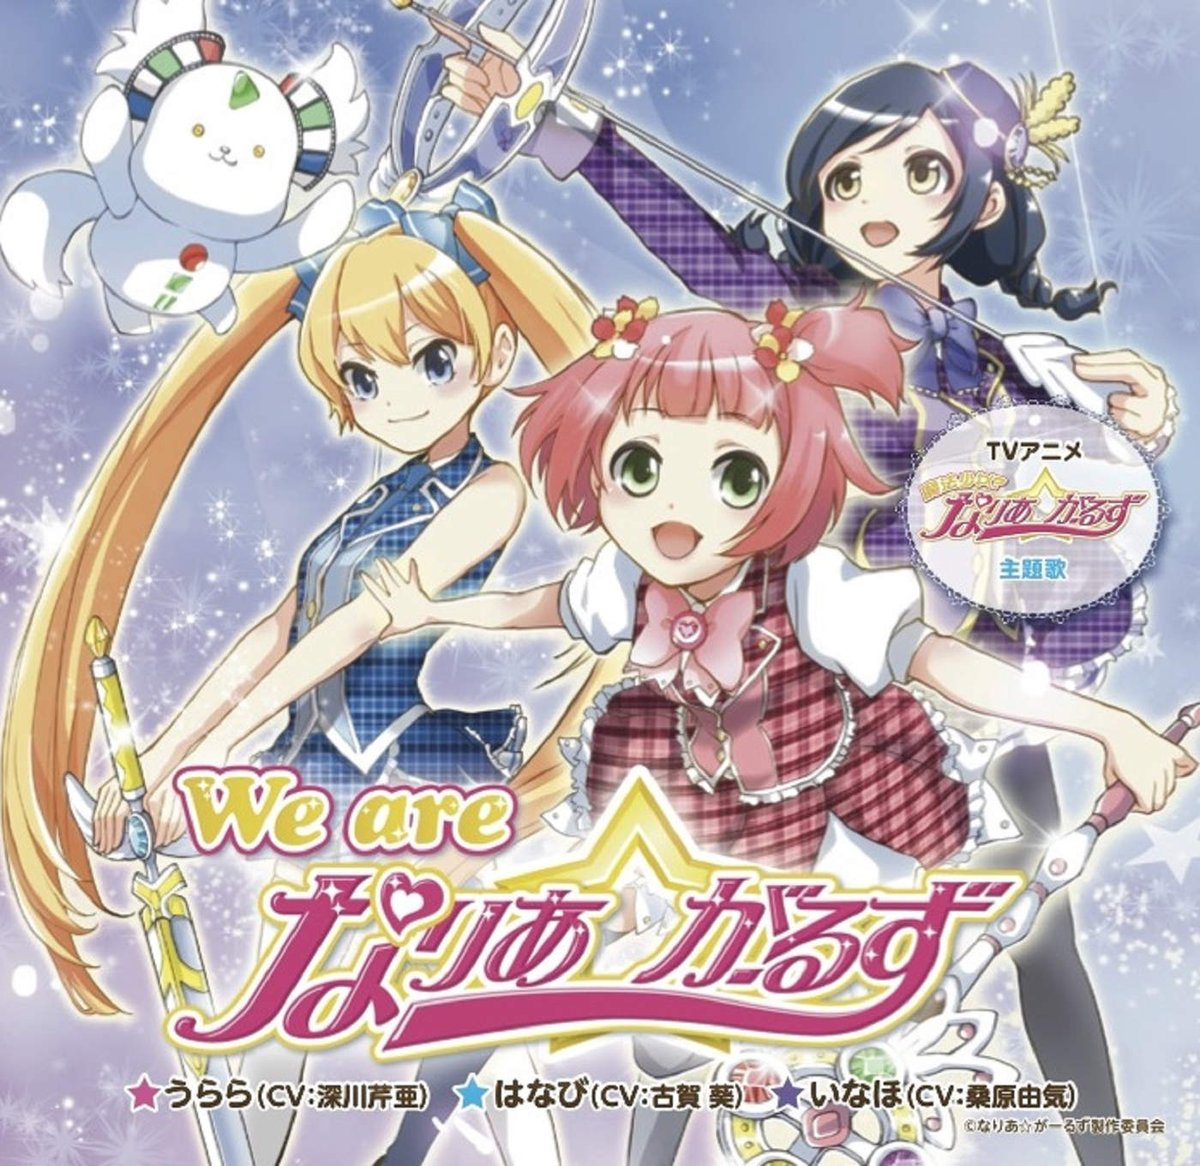 We are なりあ☆がーるず - なりあ☆がーるず (Album:We are なりあ☆がーるず - EP) #sti